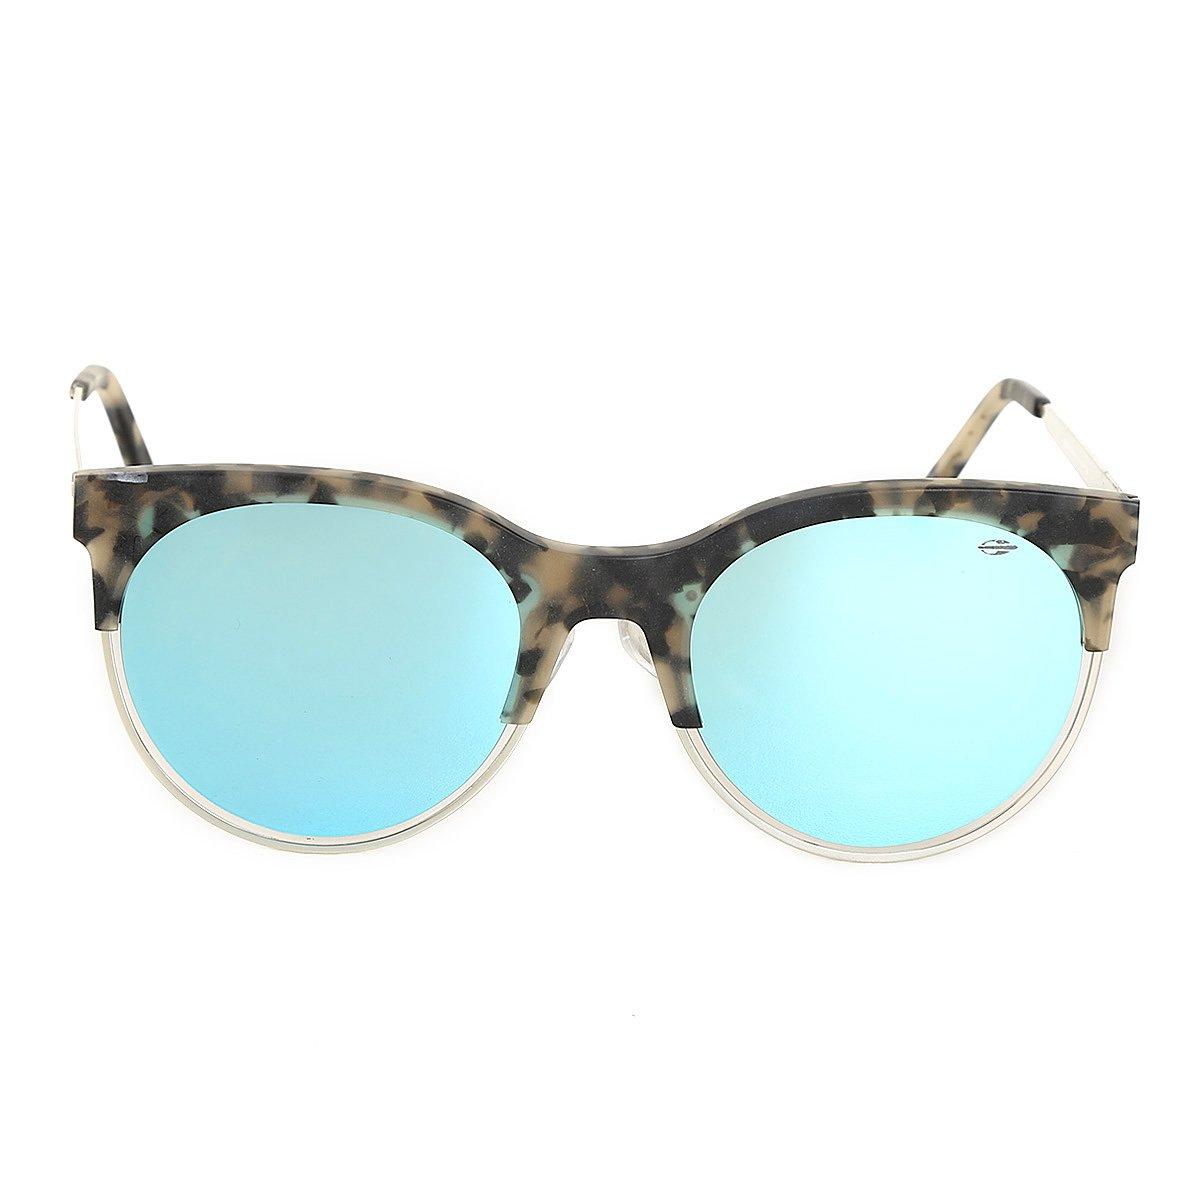 21364dbb37d58 Óculos Mormaii Gatinho Espelhado Feminino  Óculos Mormaii Gatinho Espelhado  Feminino ...